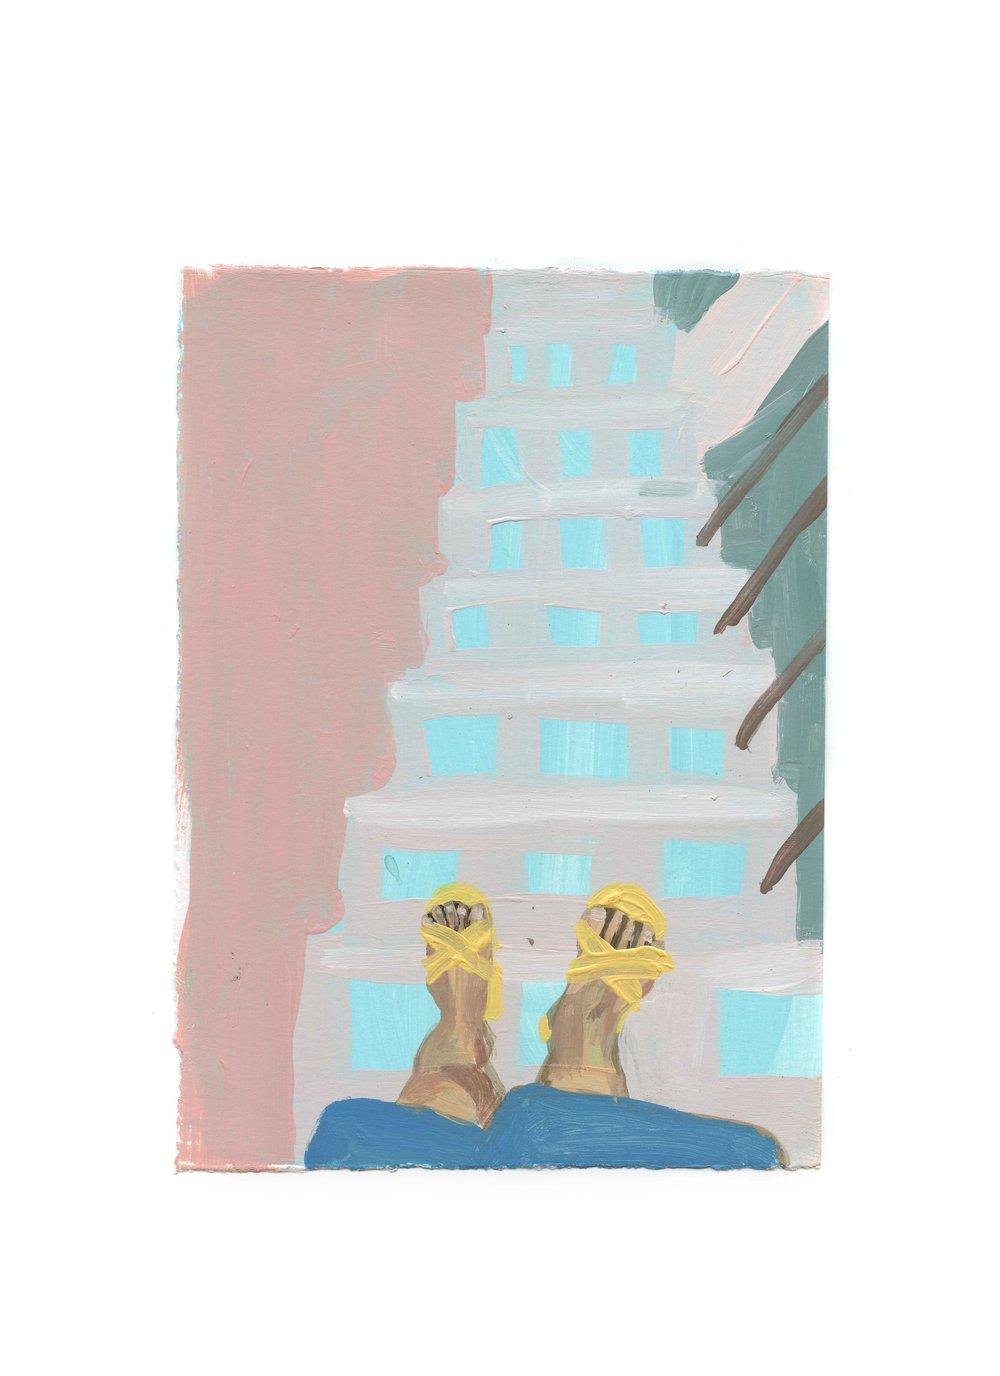 SelfPortrait(DescendingStairs)-WEB.jpg